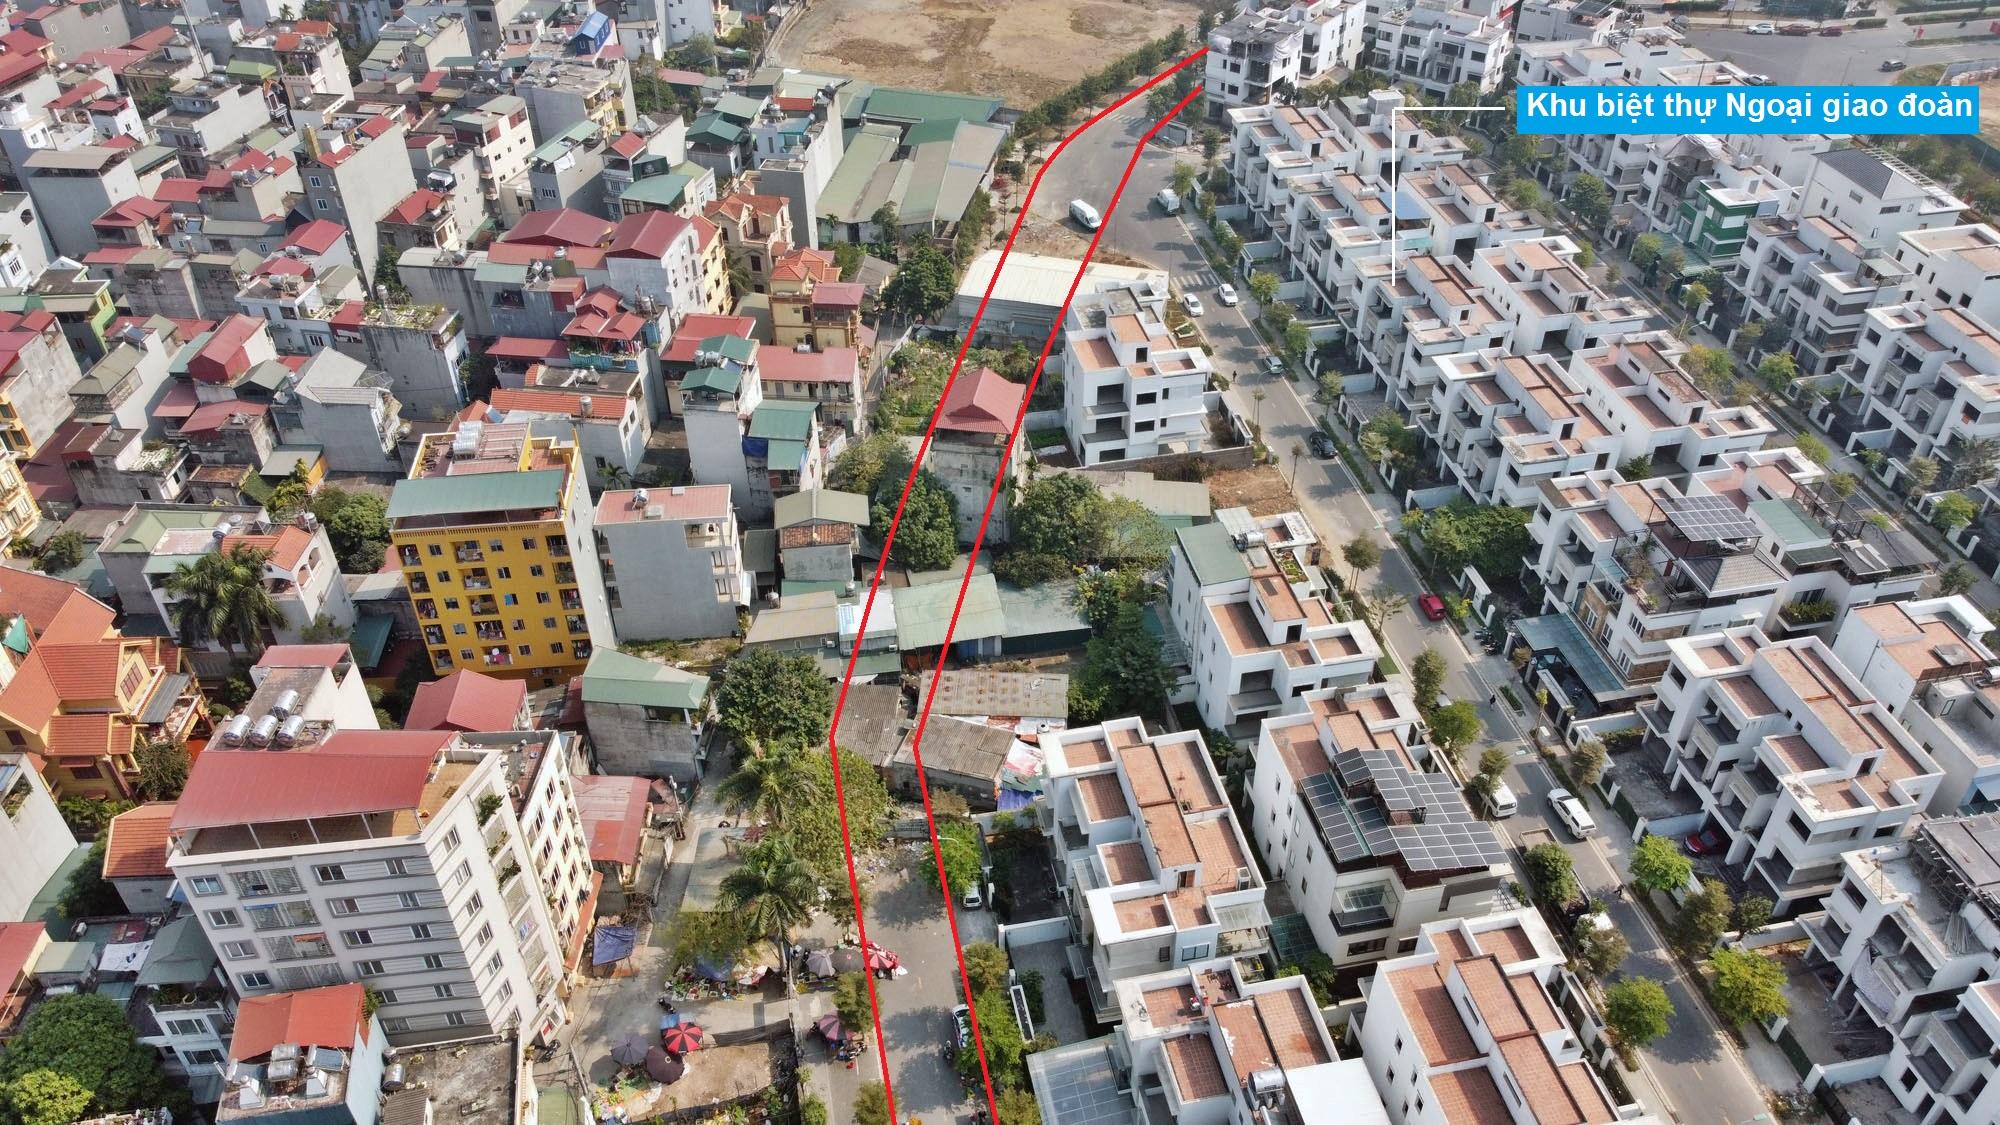 Ba đường sẽ mở theo qui hoạch ở phường Xuân Tảo, Bắc Từ Liêm, Hà Nội (phần 2) - Ảnh 4.